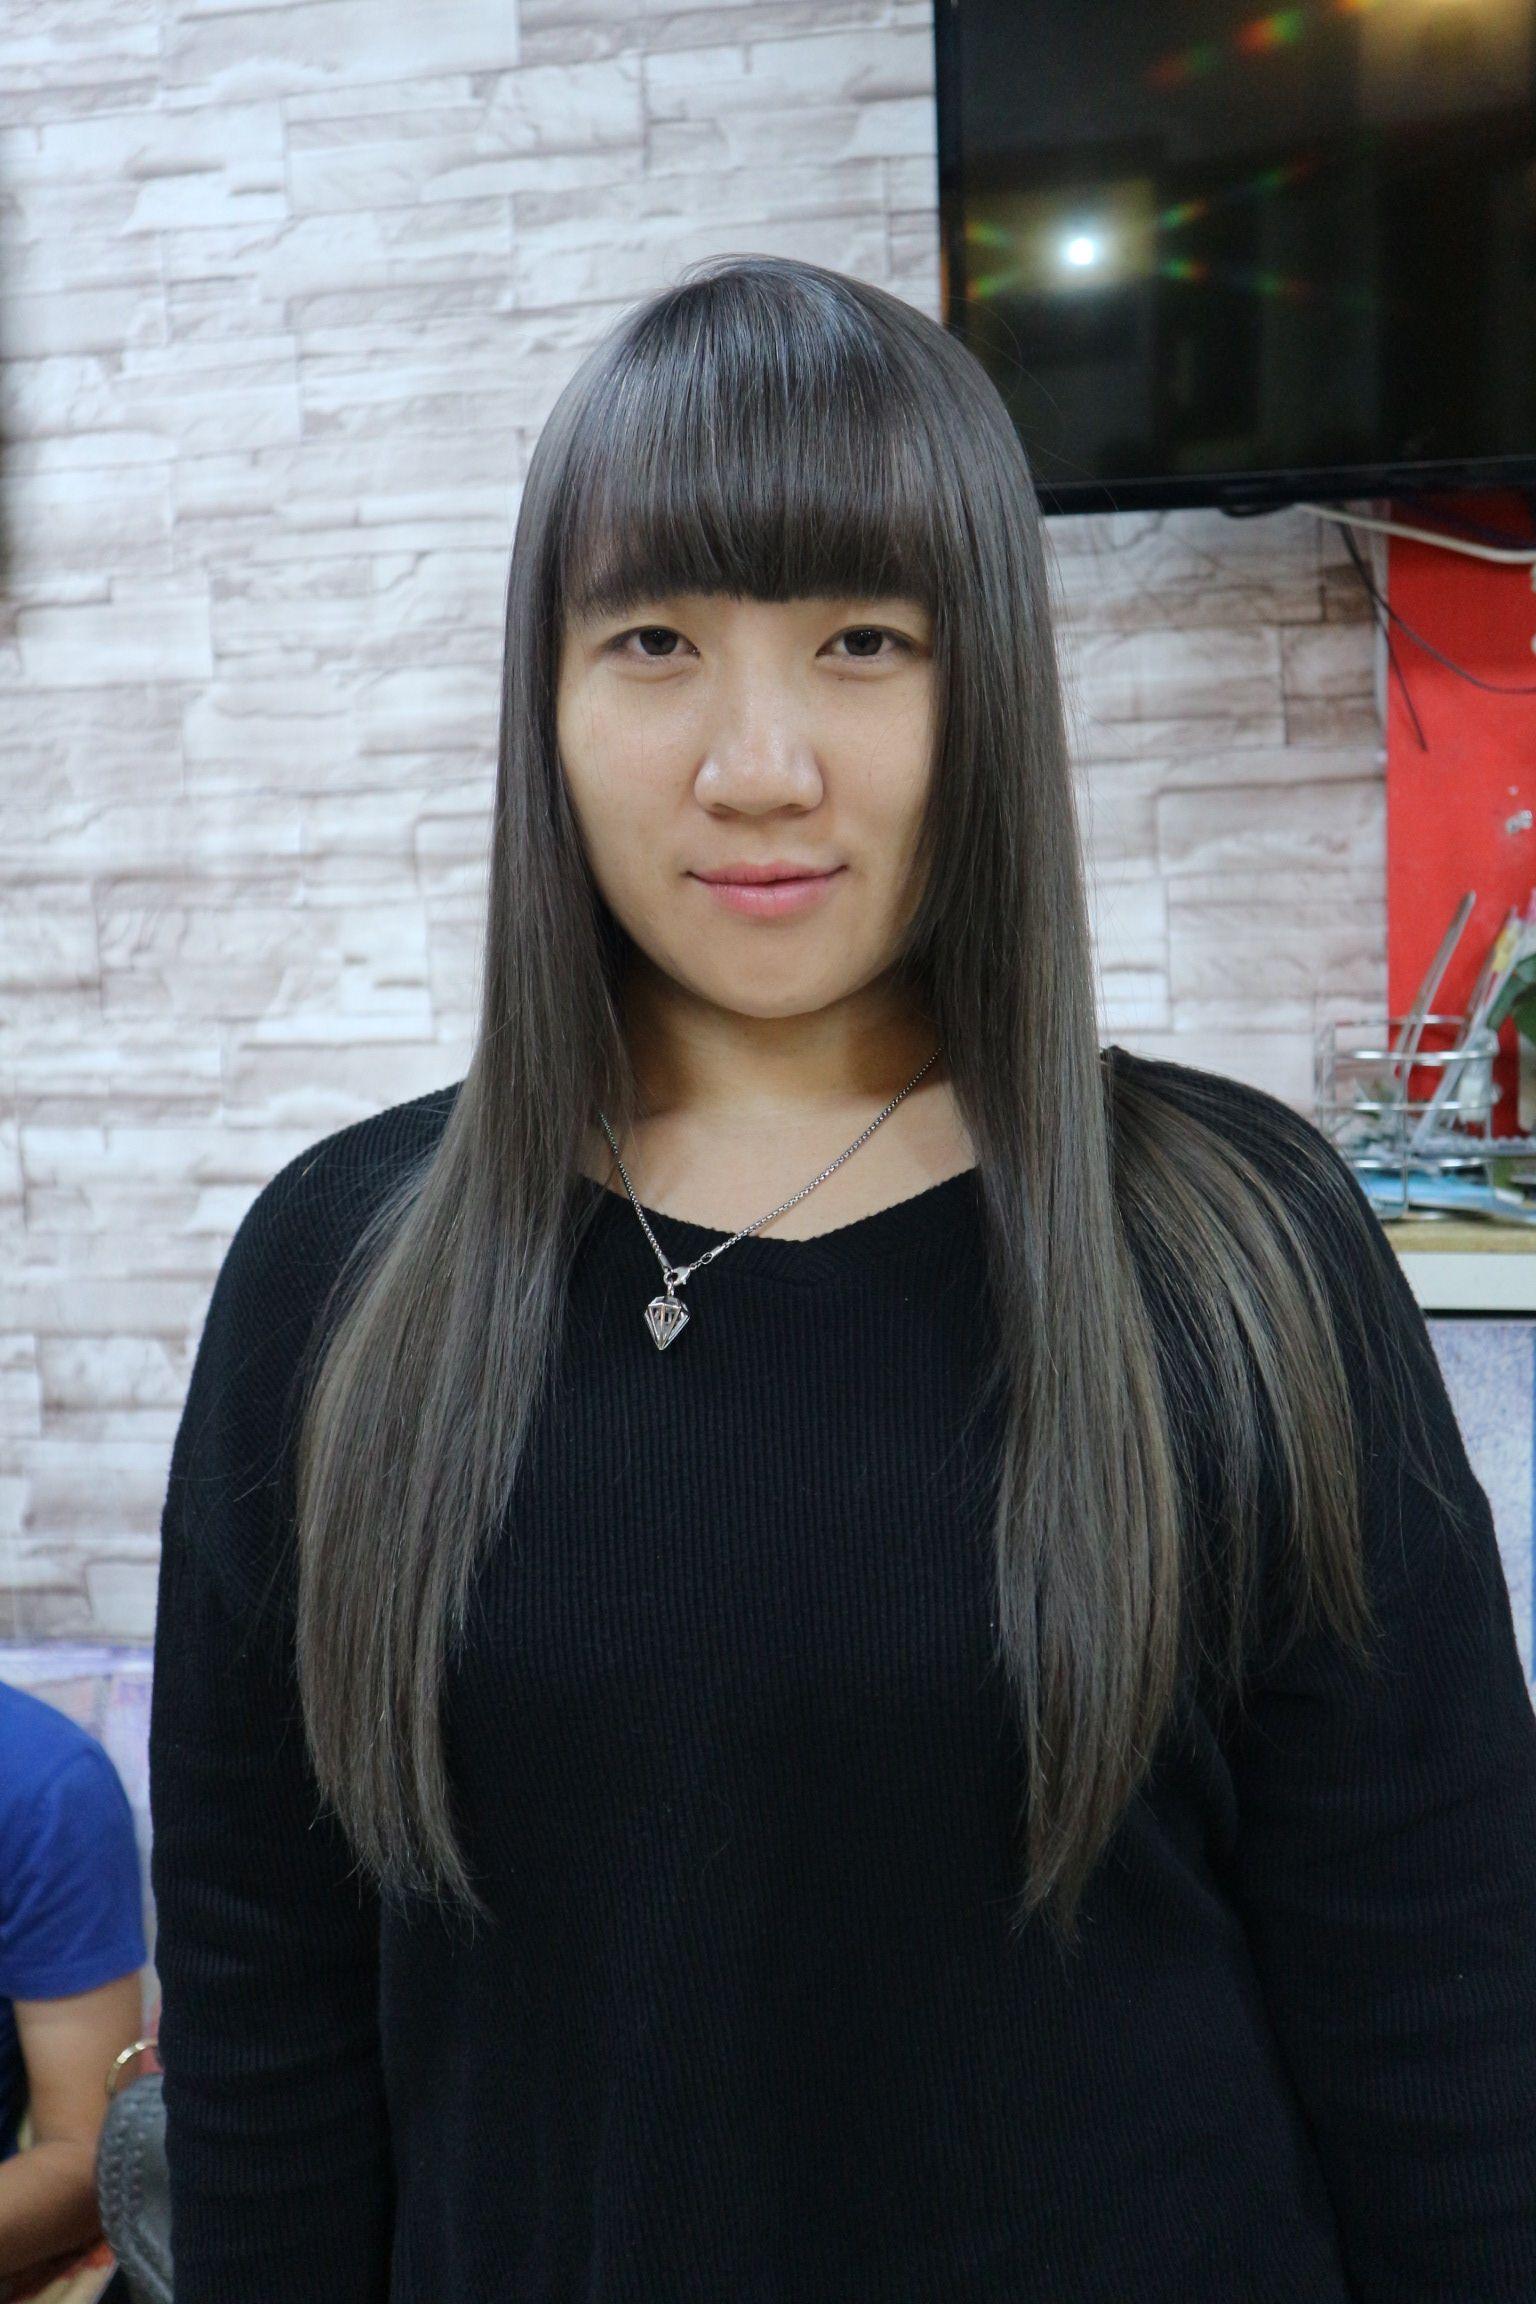 สีเท่าผมยาวๆ#Lisbyyo #nimman #hair #hairstyle #haircut #haircolor #chiangmai #thailand #thankyou